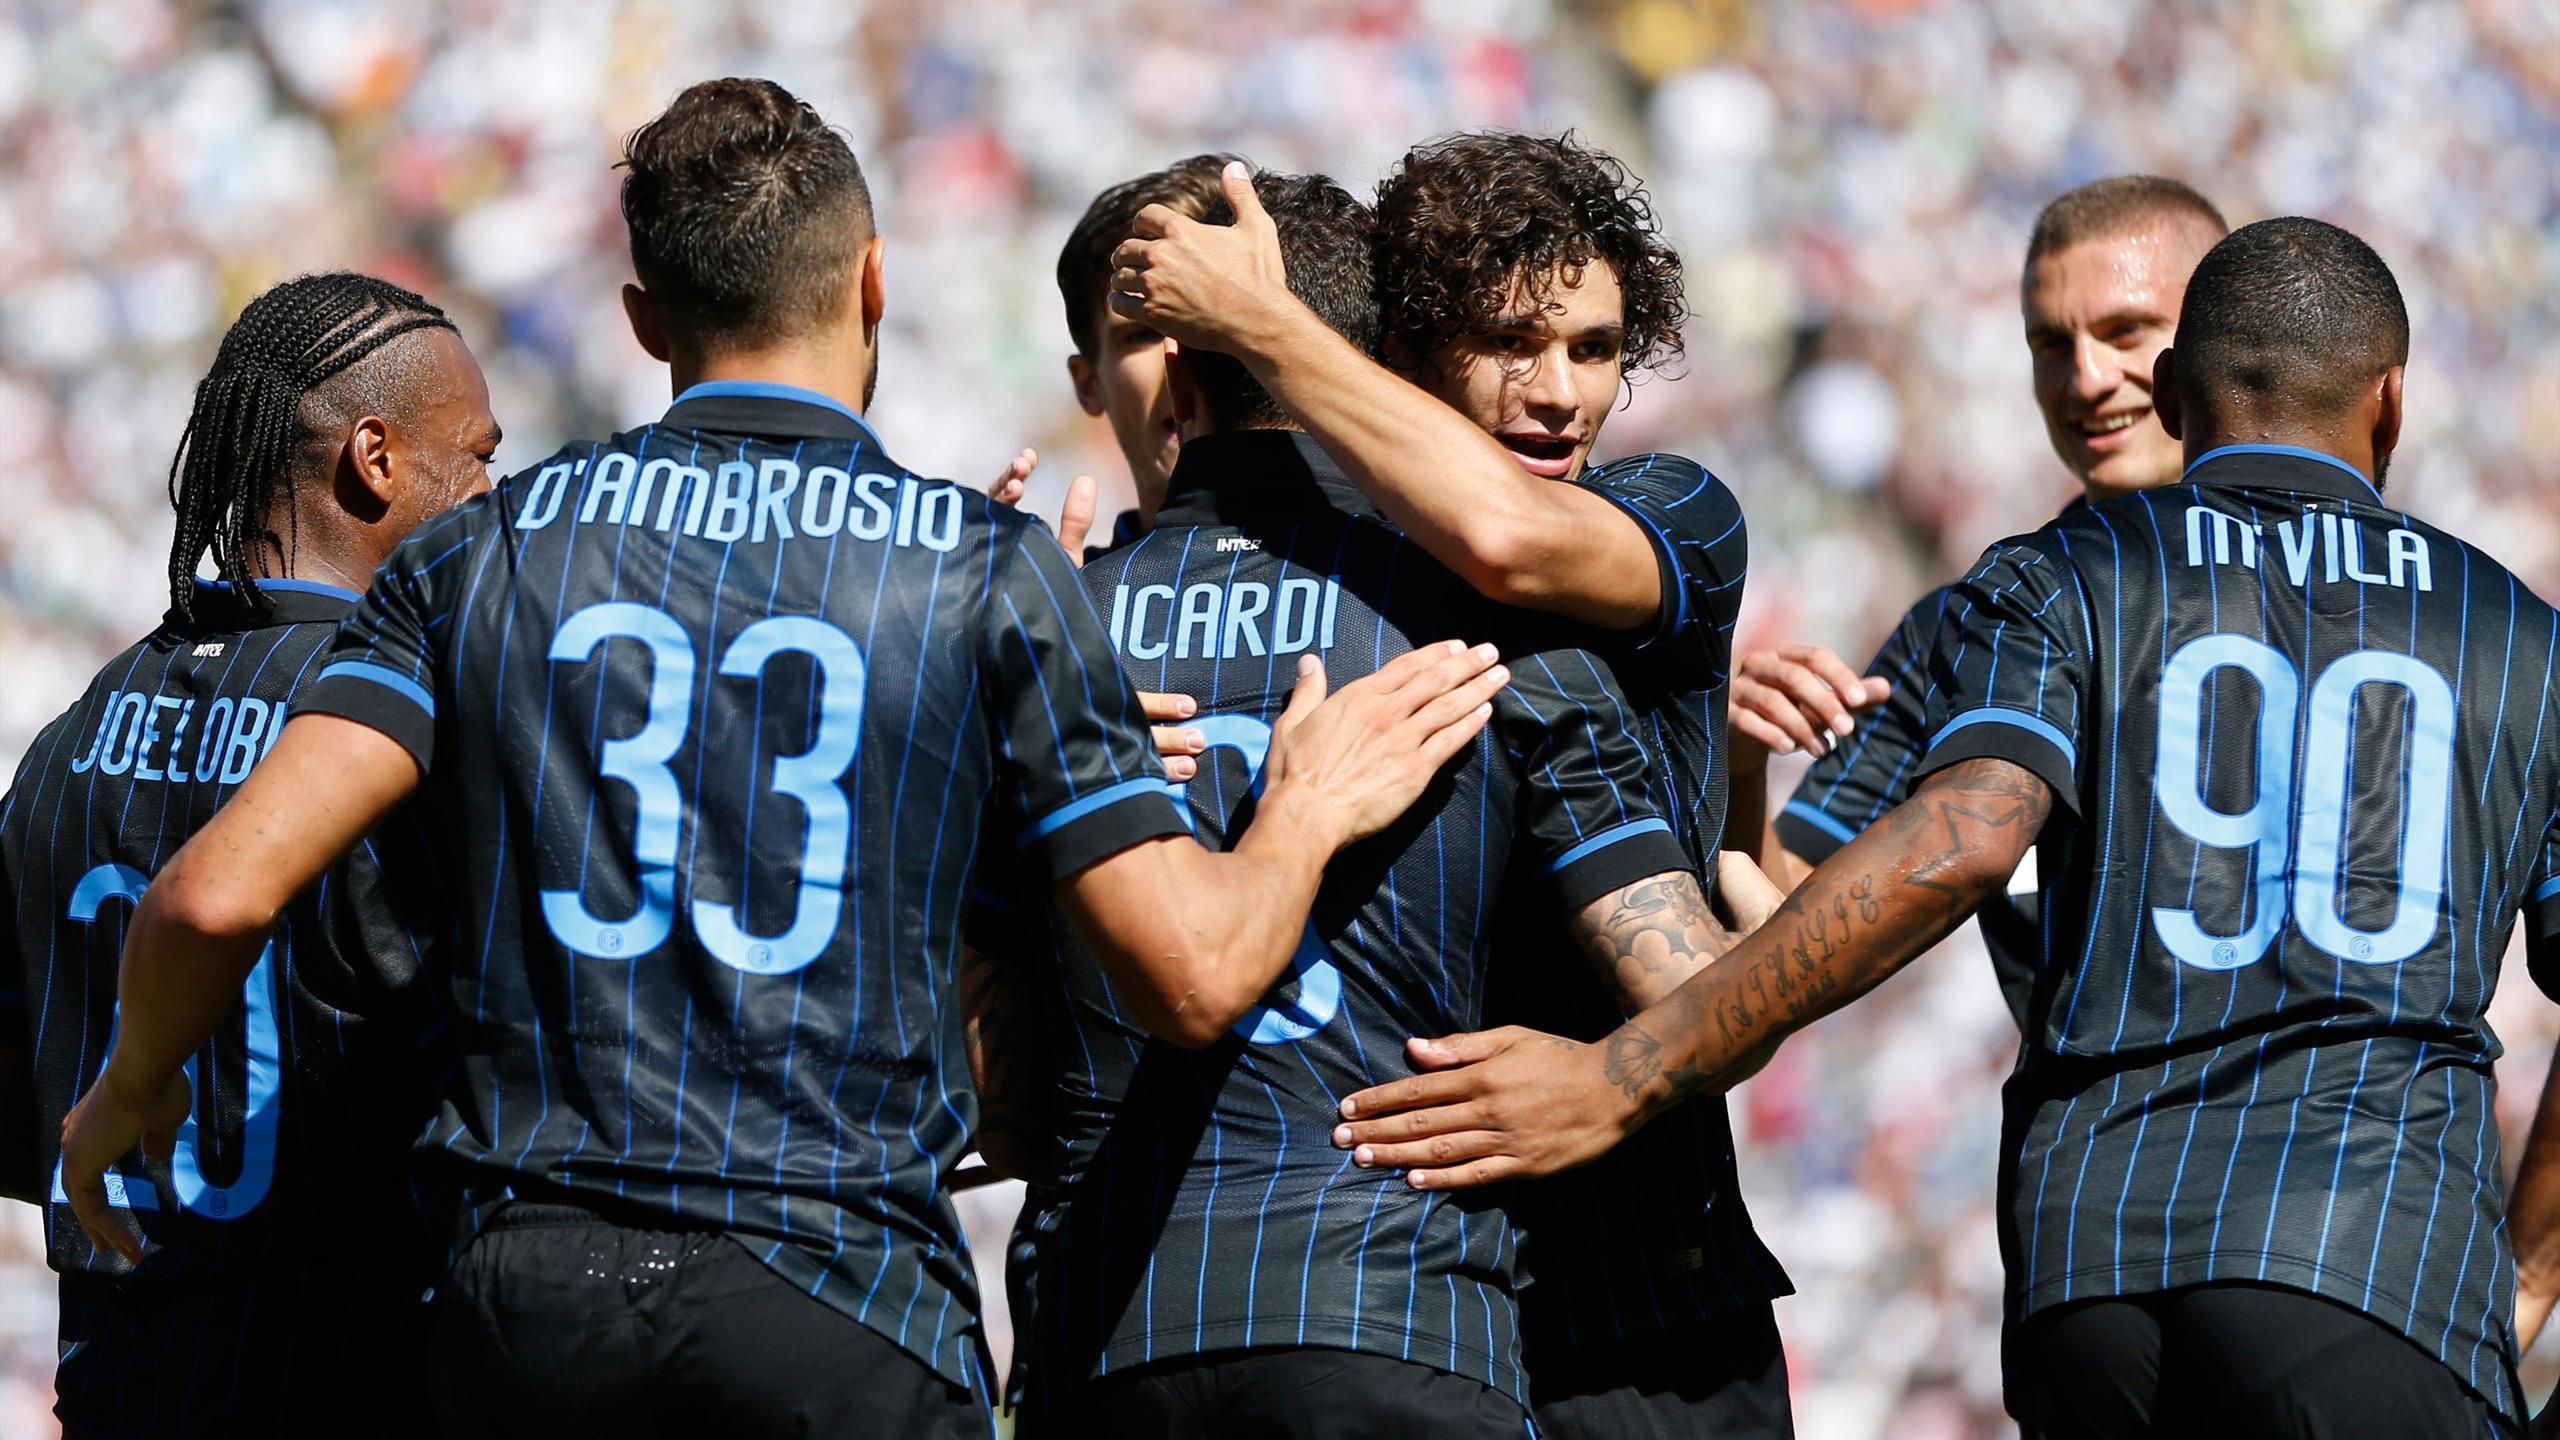 Video: Stjarnan vs Inter Milan